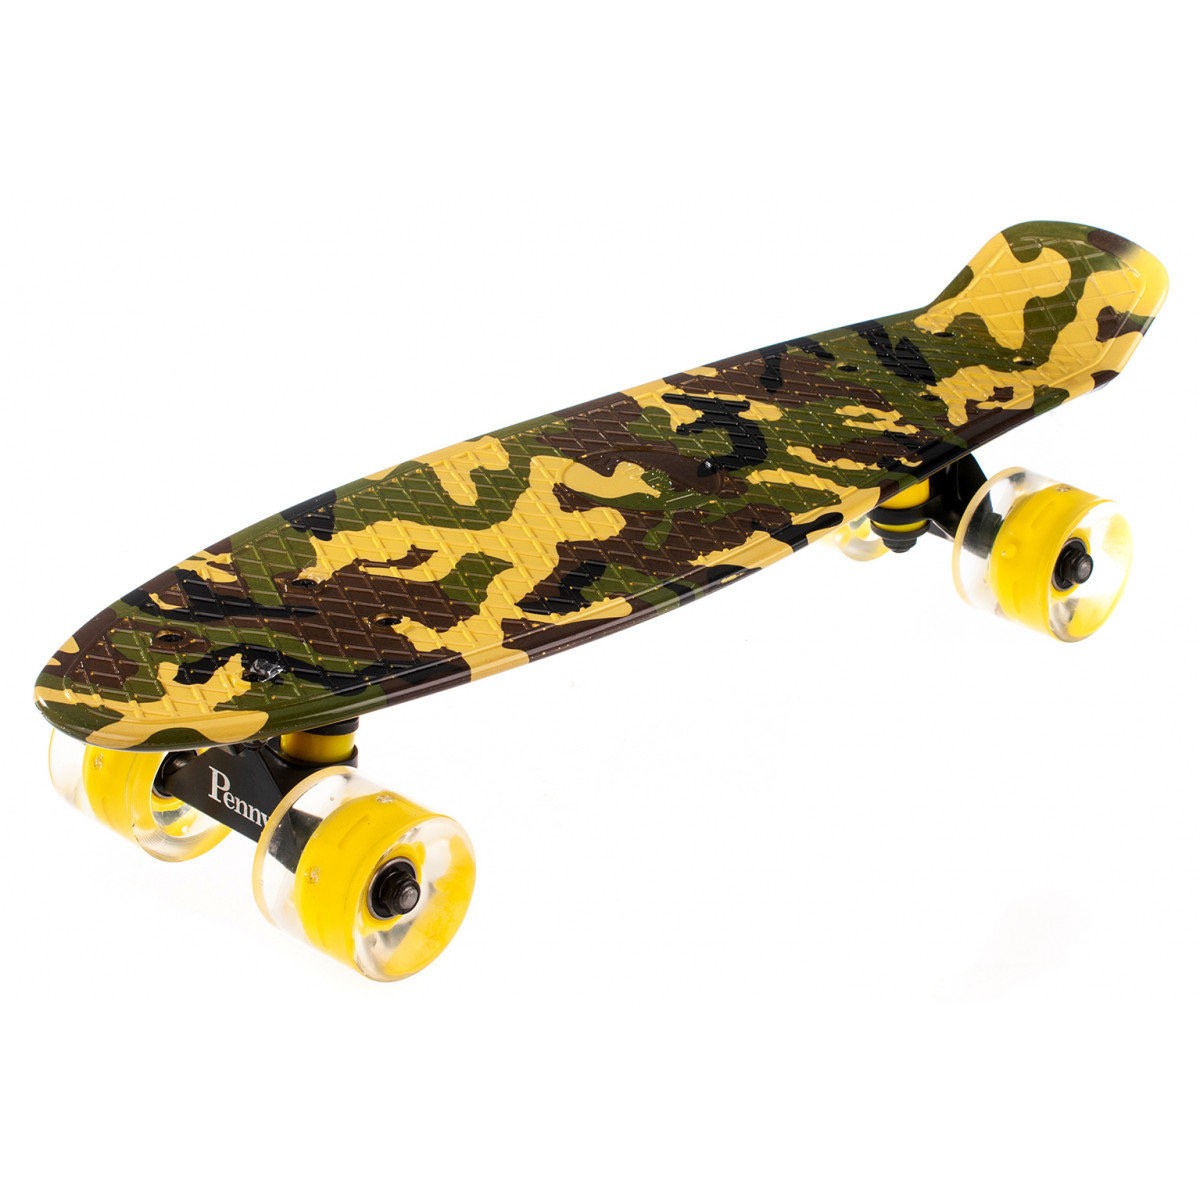 Скейт Пенні борд Penny Board Print Led 22 - Пенні борд Camo 2 (Камуфляж) 54 см